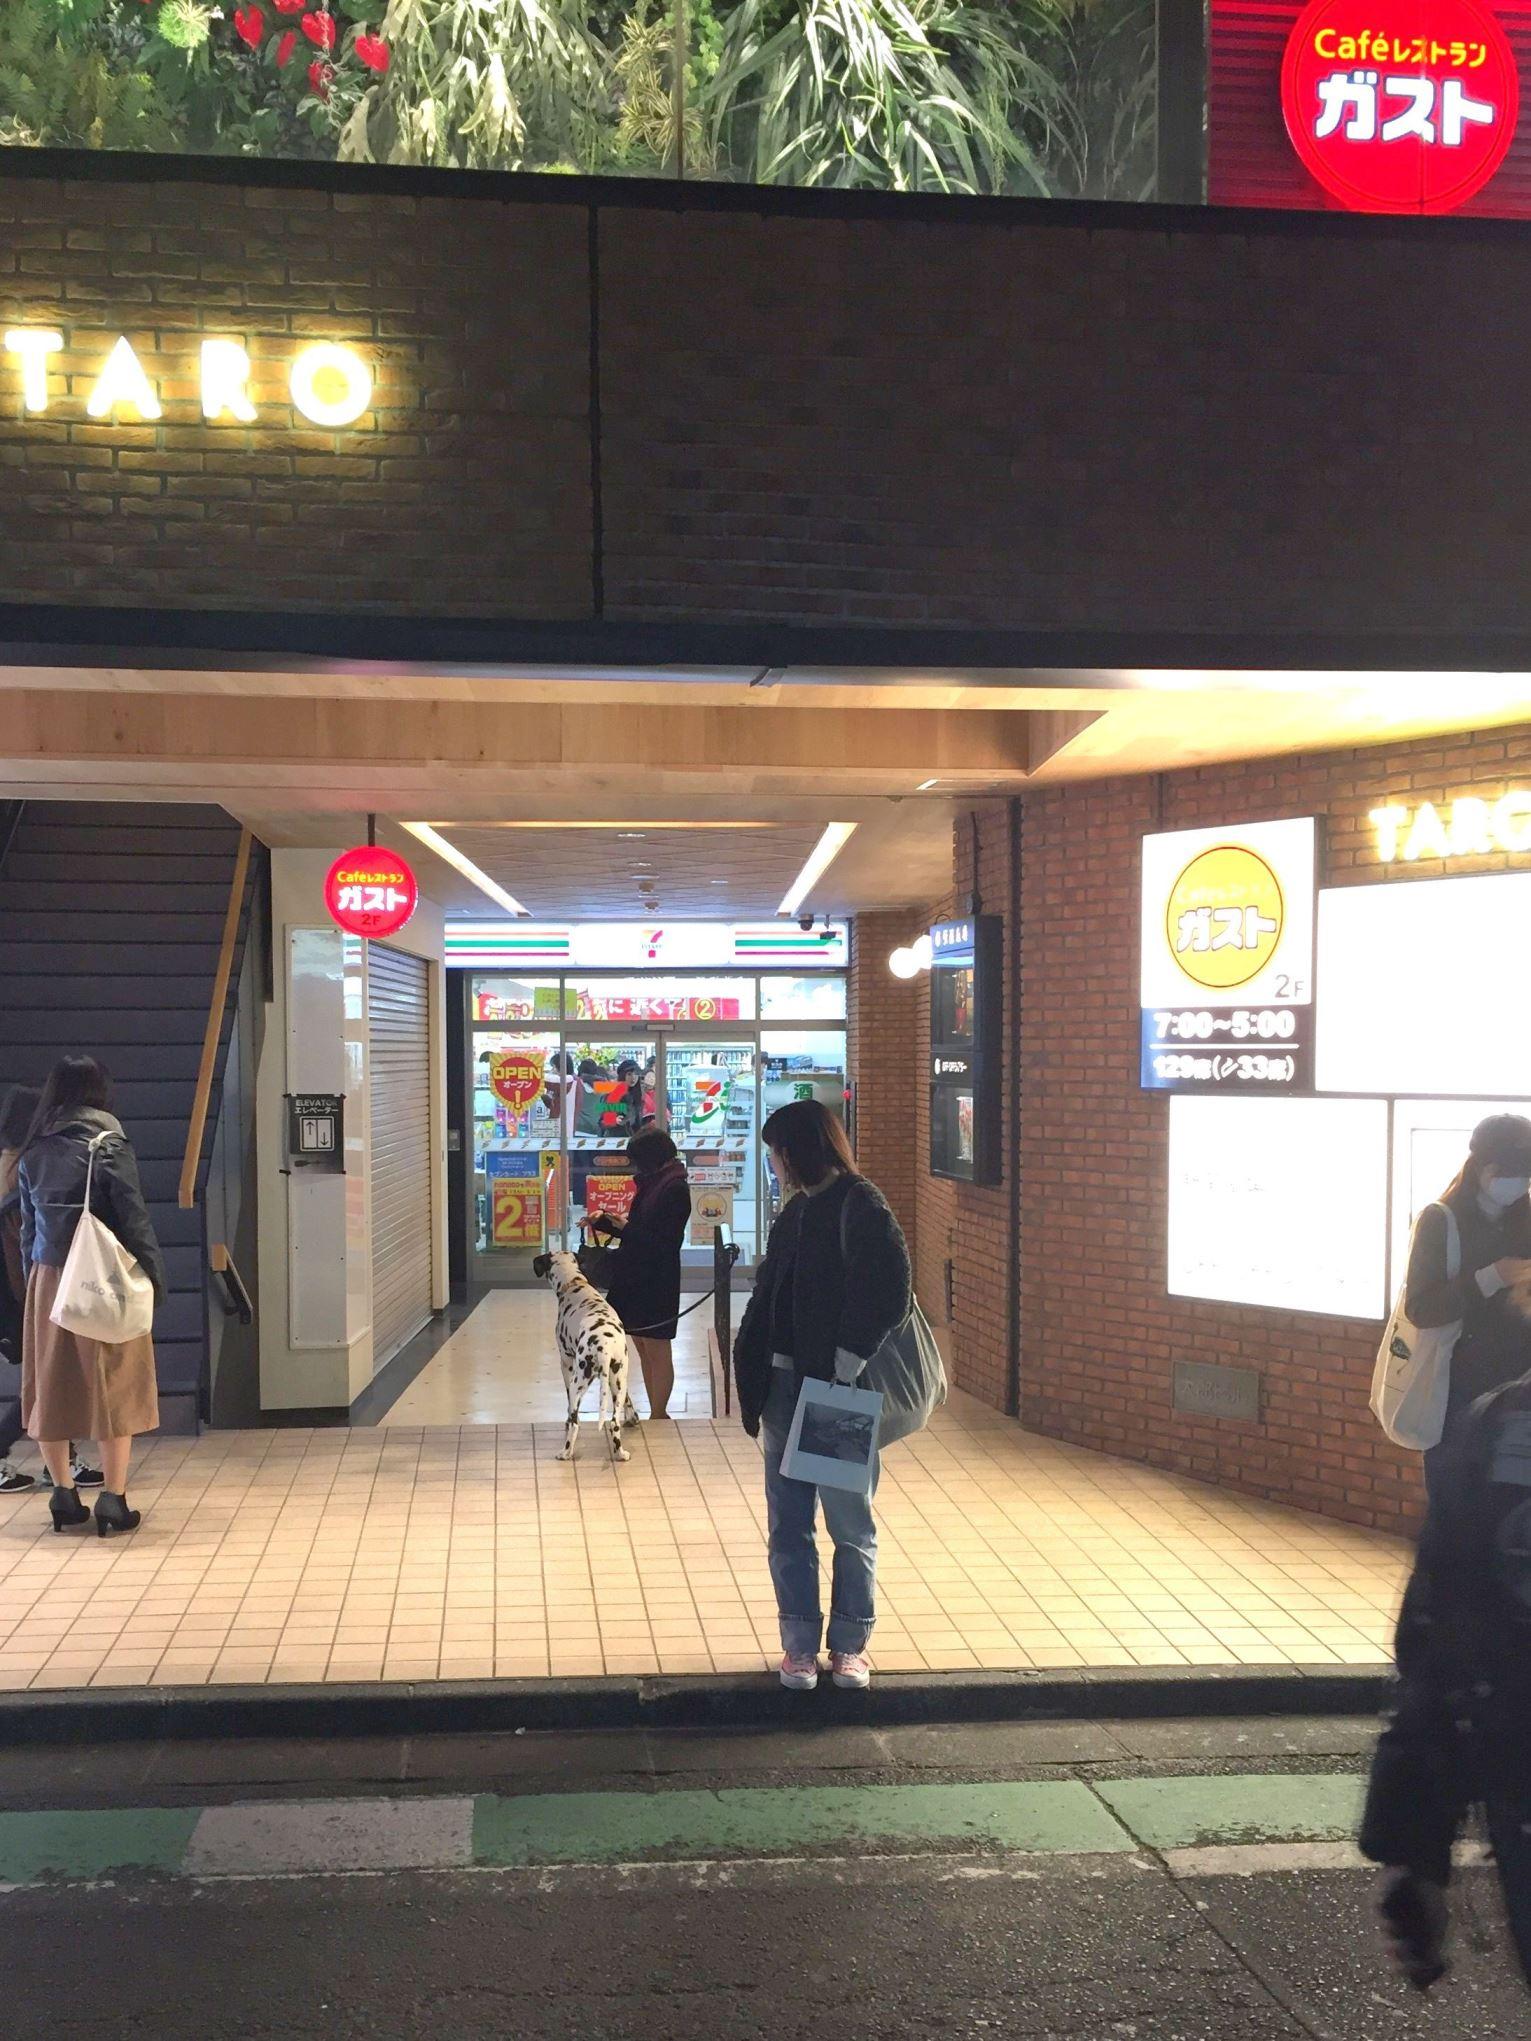 下北沢駅南口の目の前に「セブンイレブン」がオープン